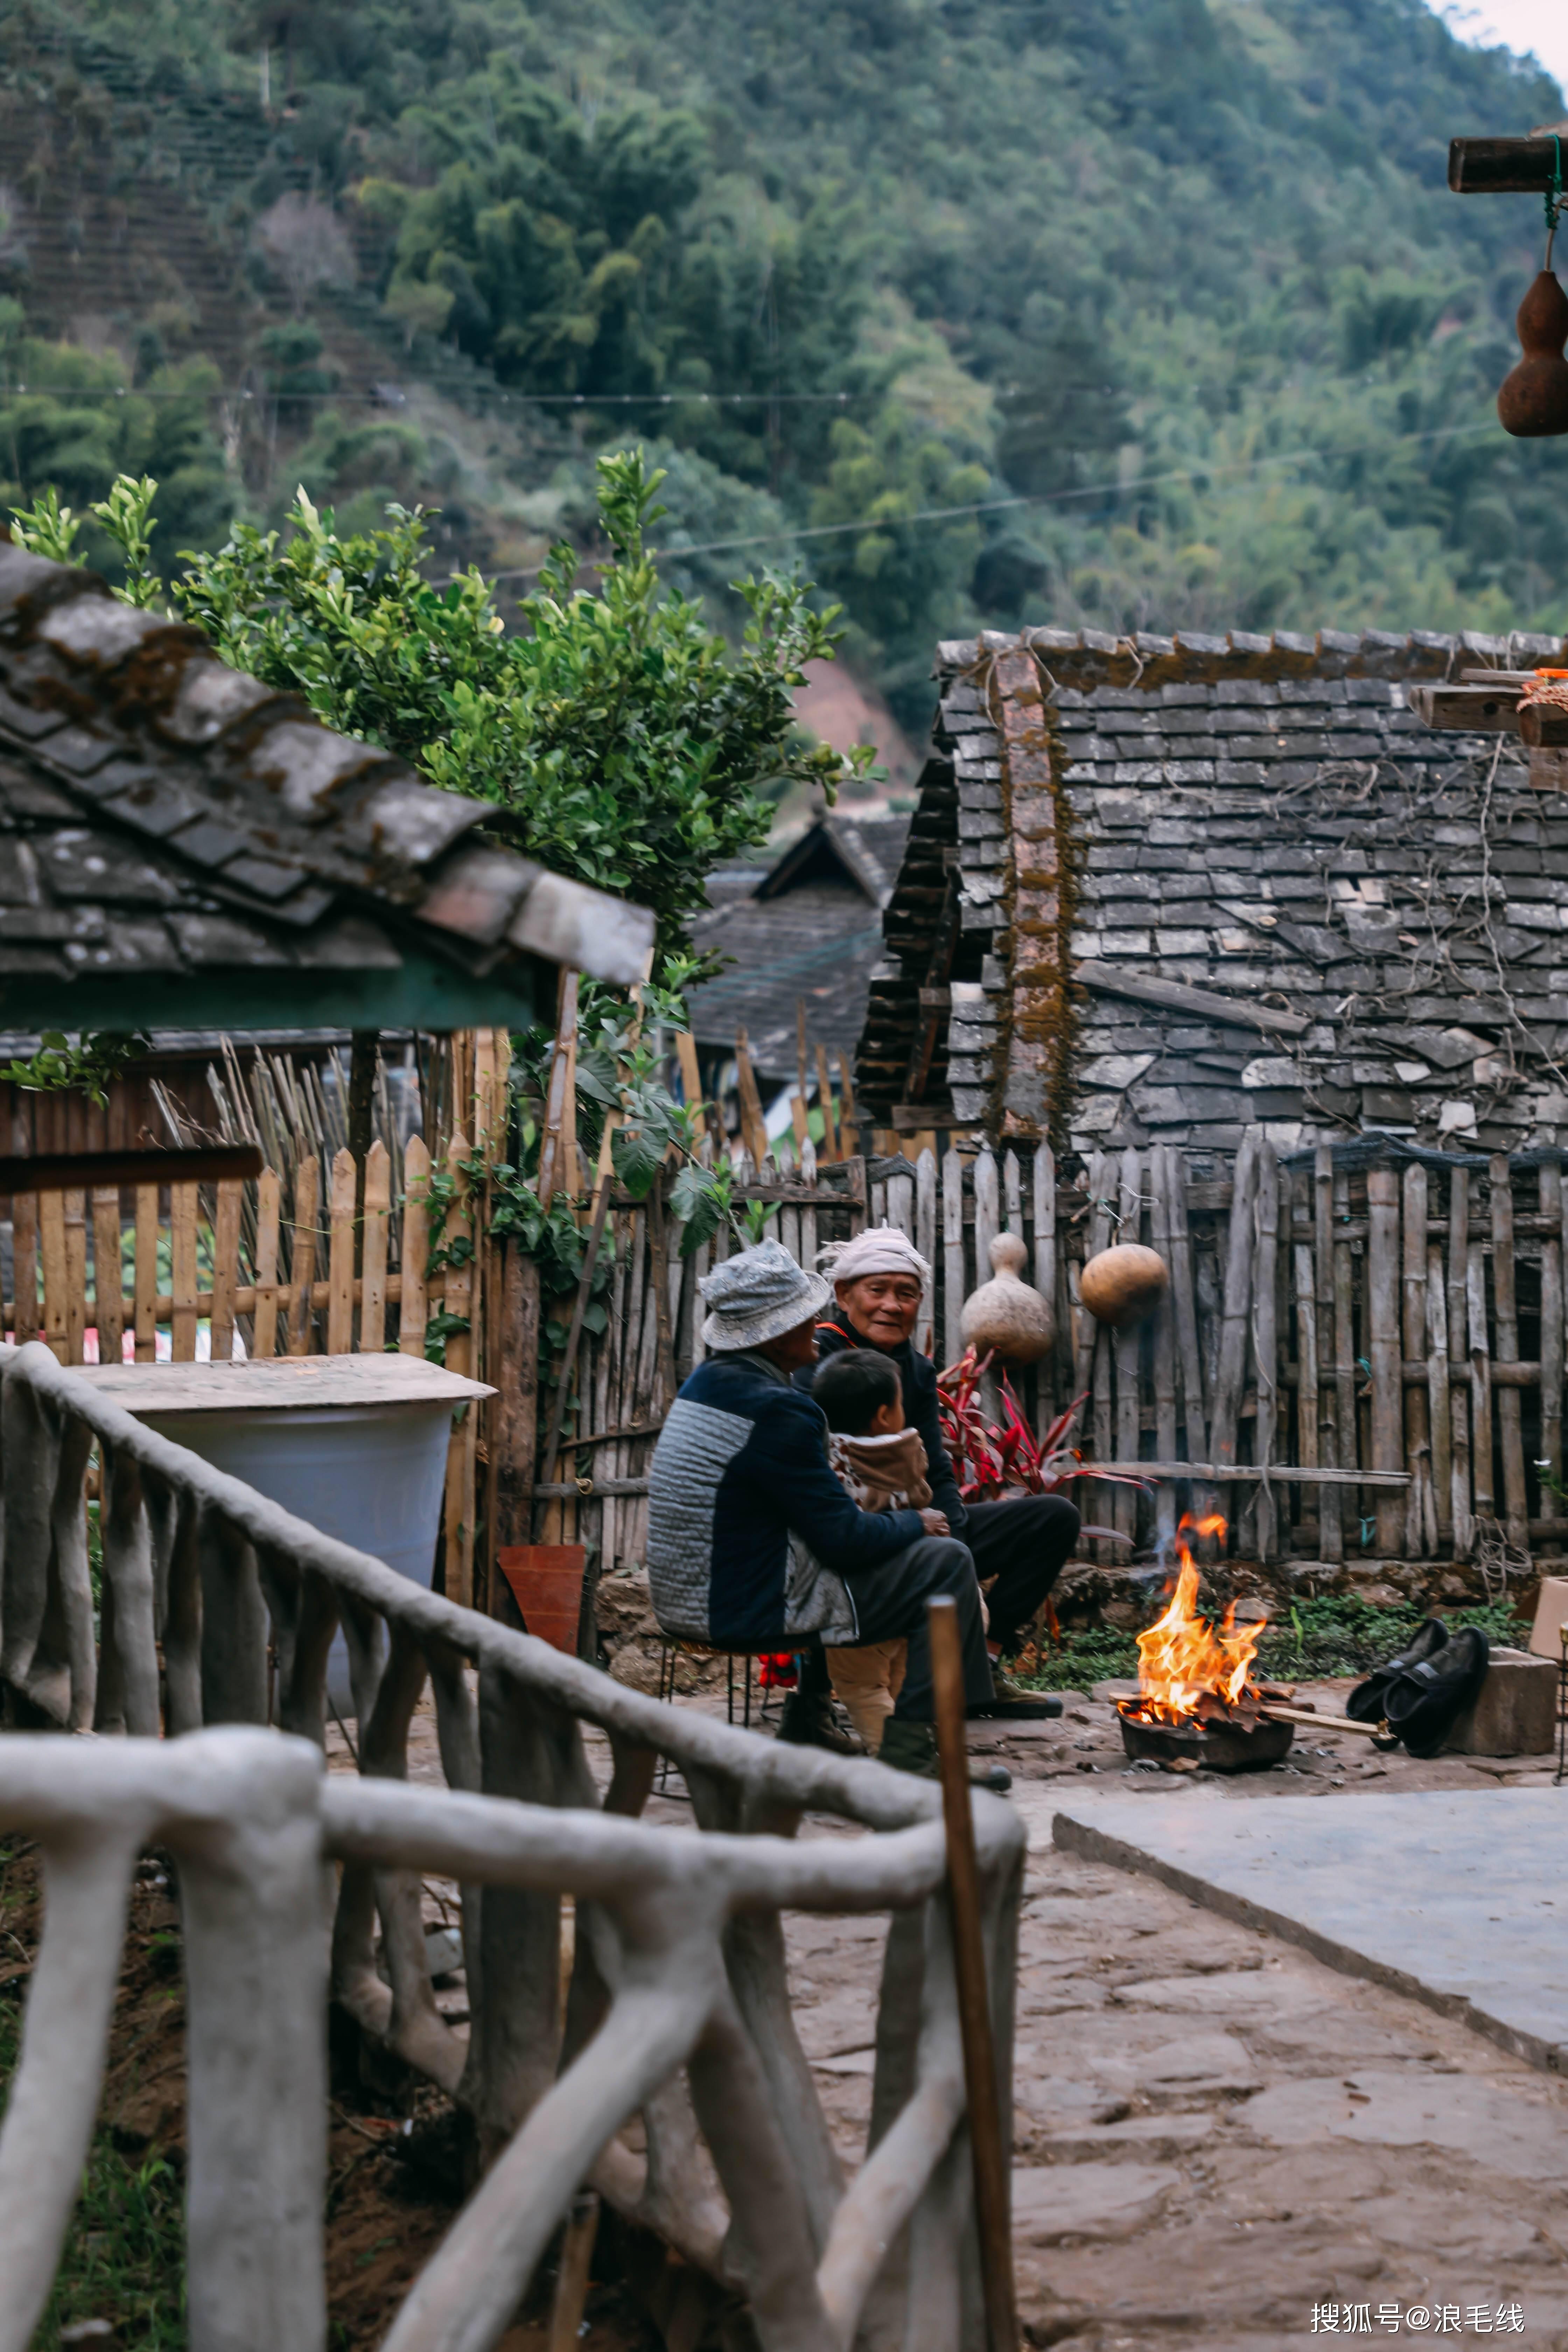 普洱老达保:在音乐注入灵魂的村寨,体验最淳朴的民族风情